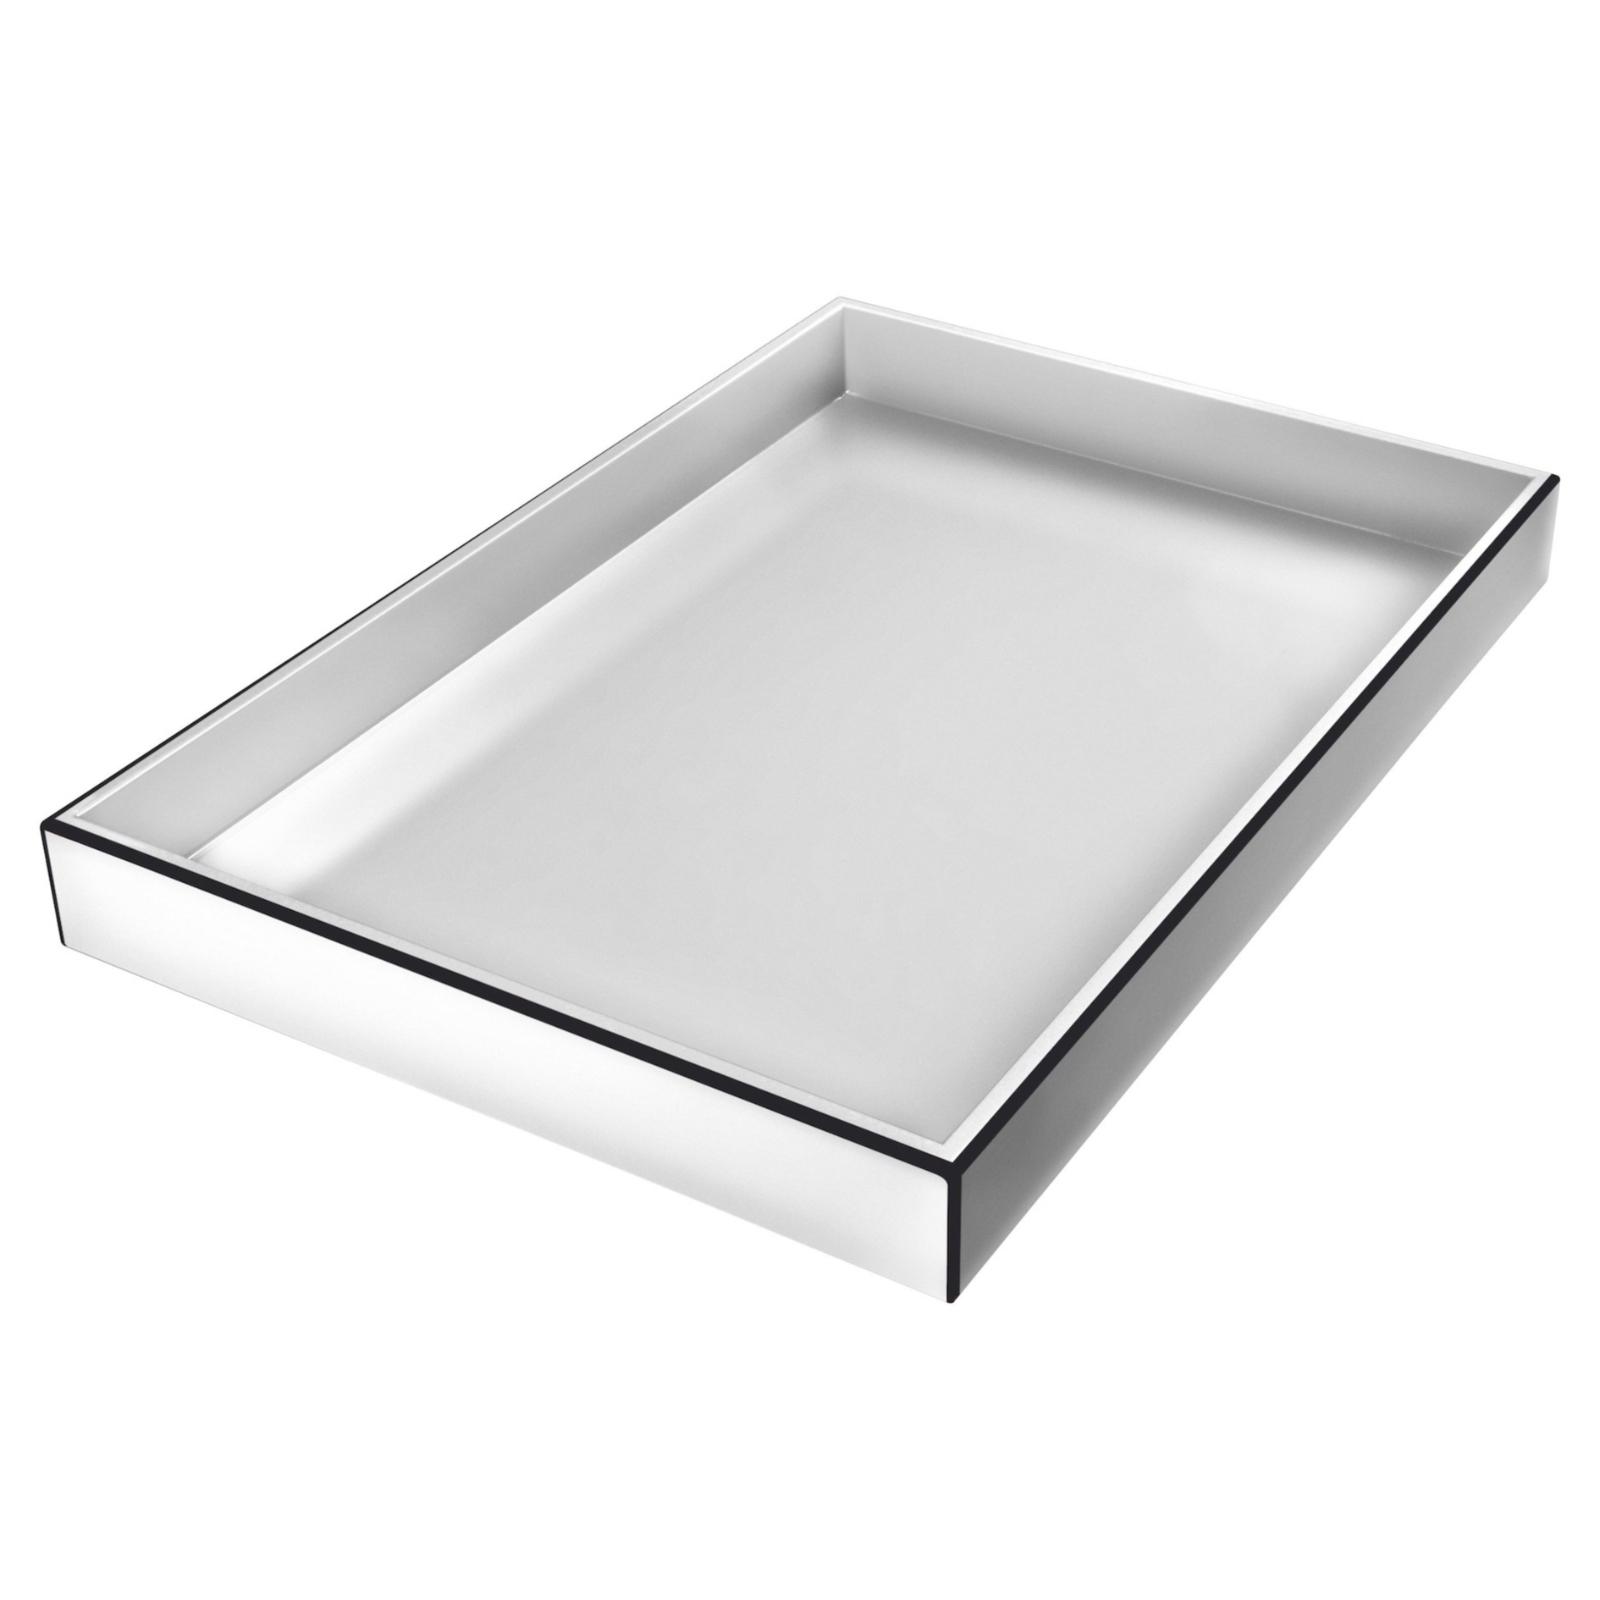 Lacktablett Weiß Mit Schwarzem Abgesetzter Linie Hochglanz Länglich Flourou Luxury Interior Design Art